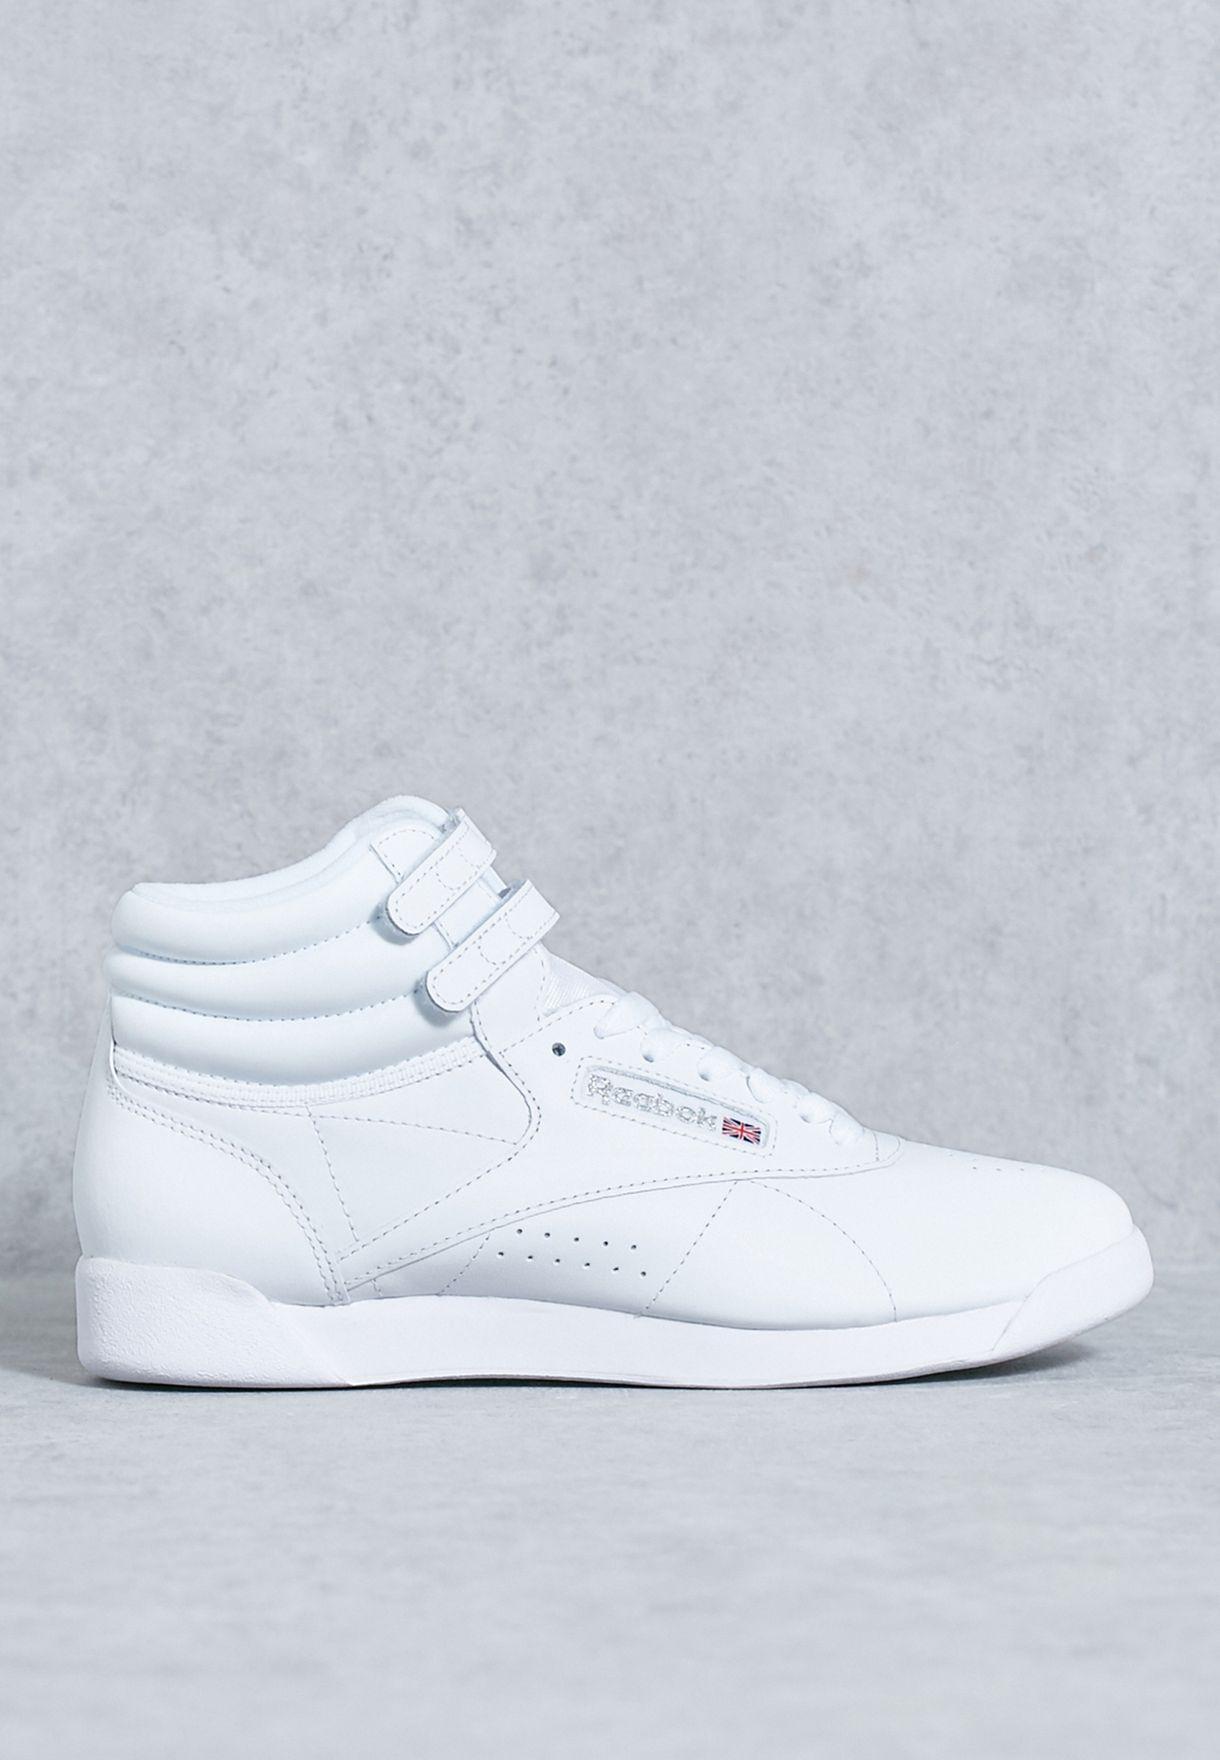 حذاء من مجموعة ريبوك X حملة كن اكثر إنسانية